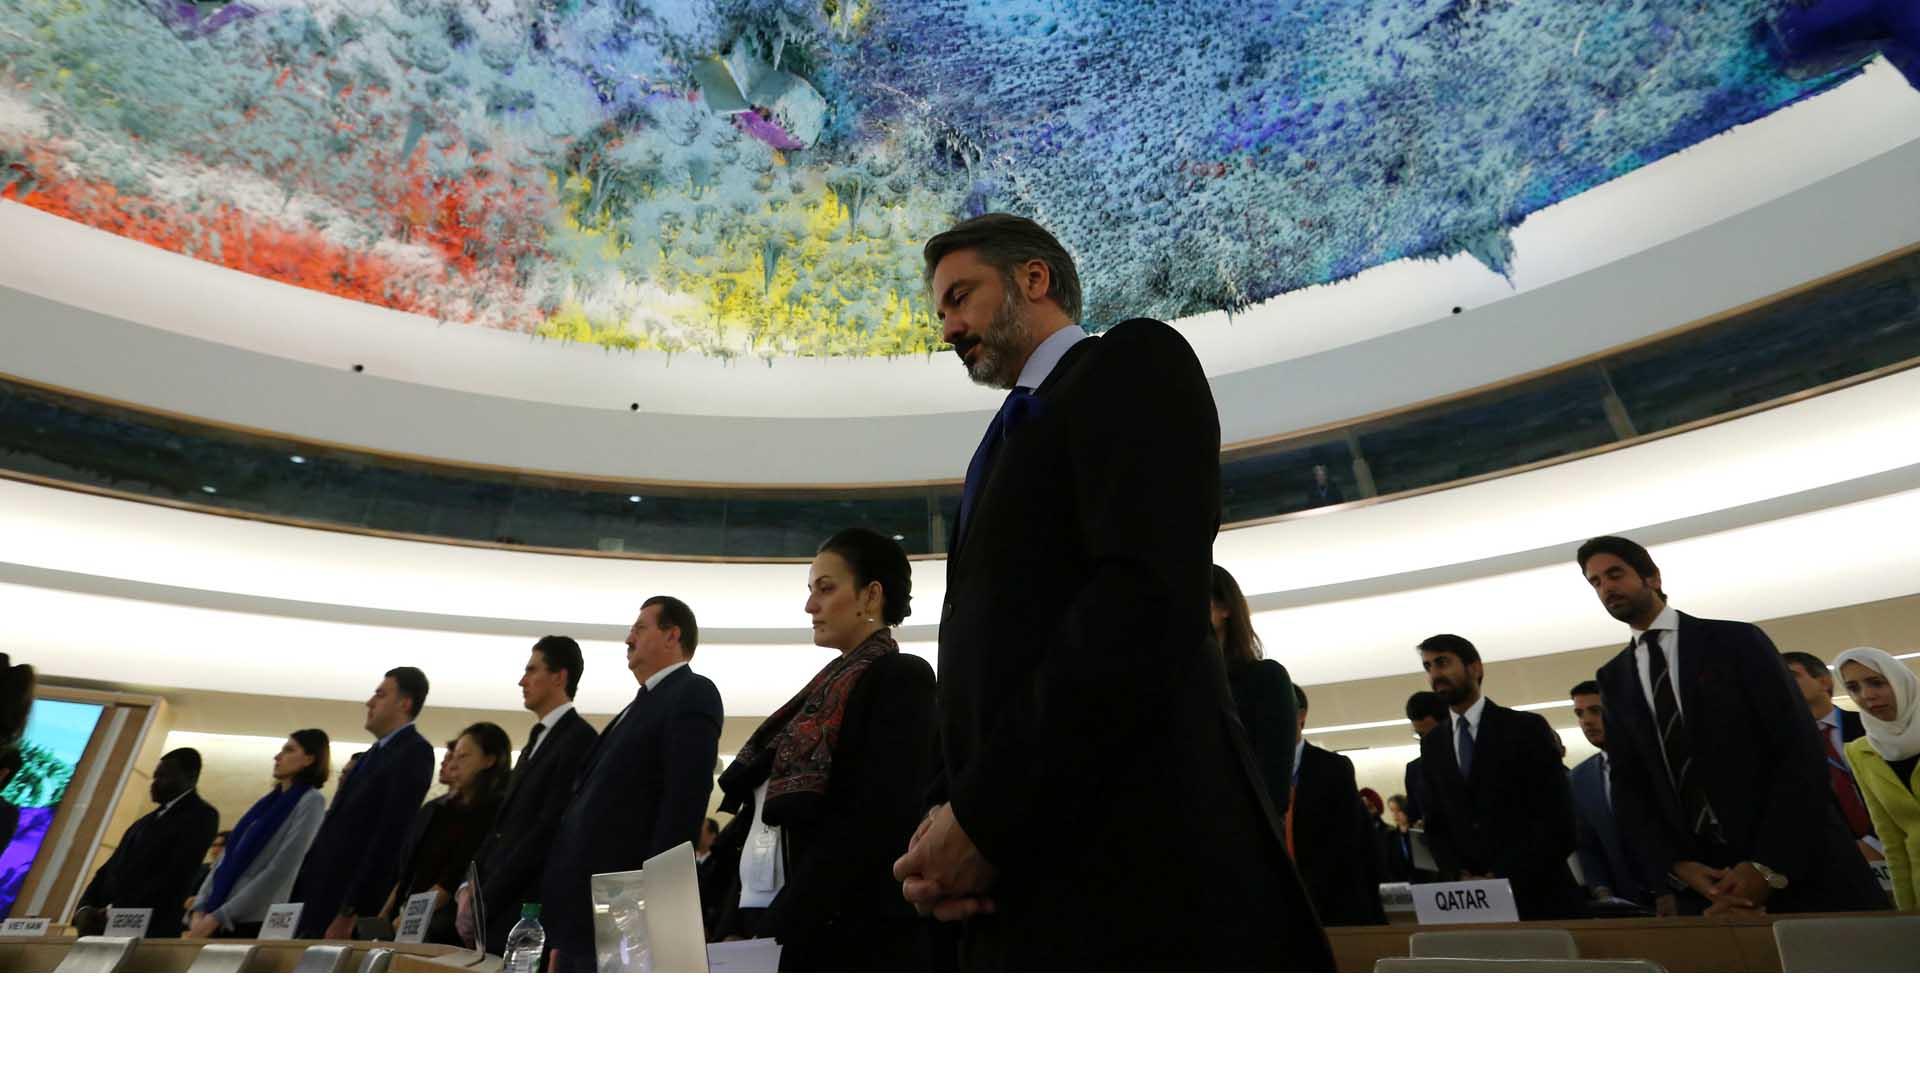 Miembros del Consejo de Derechos Humanos de a ONU exigen investigación por los crímenes de guerra cometidos en contra de los civiles al este de la ciudad siria